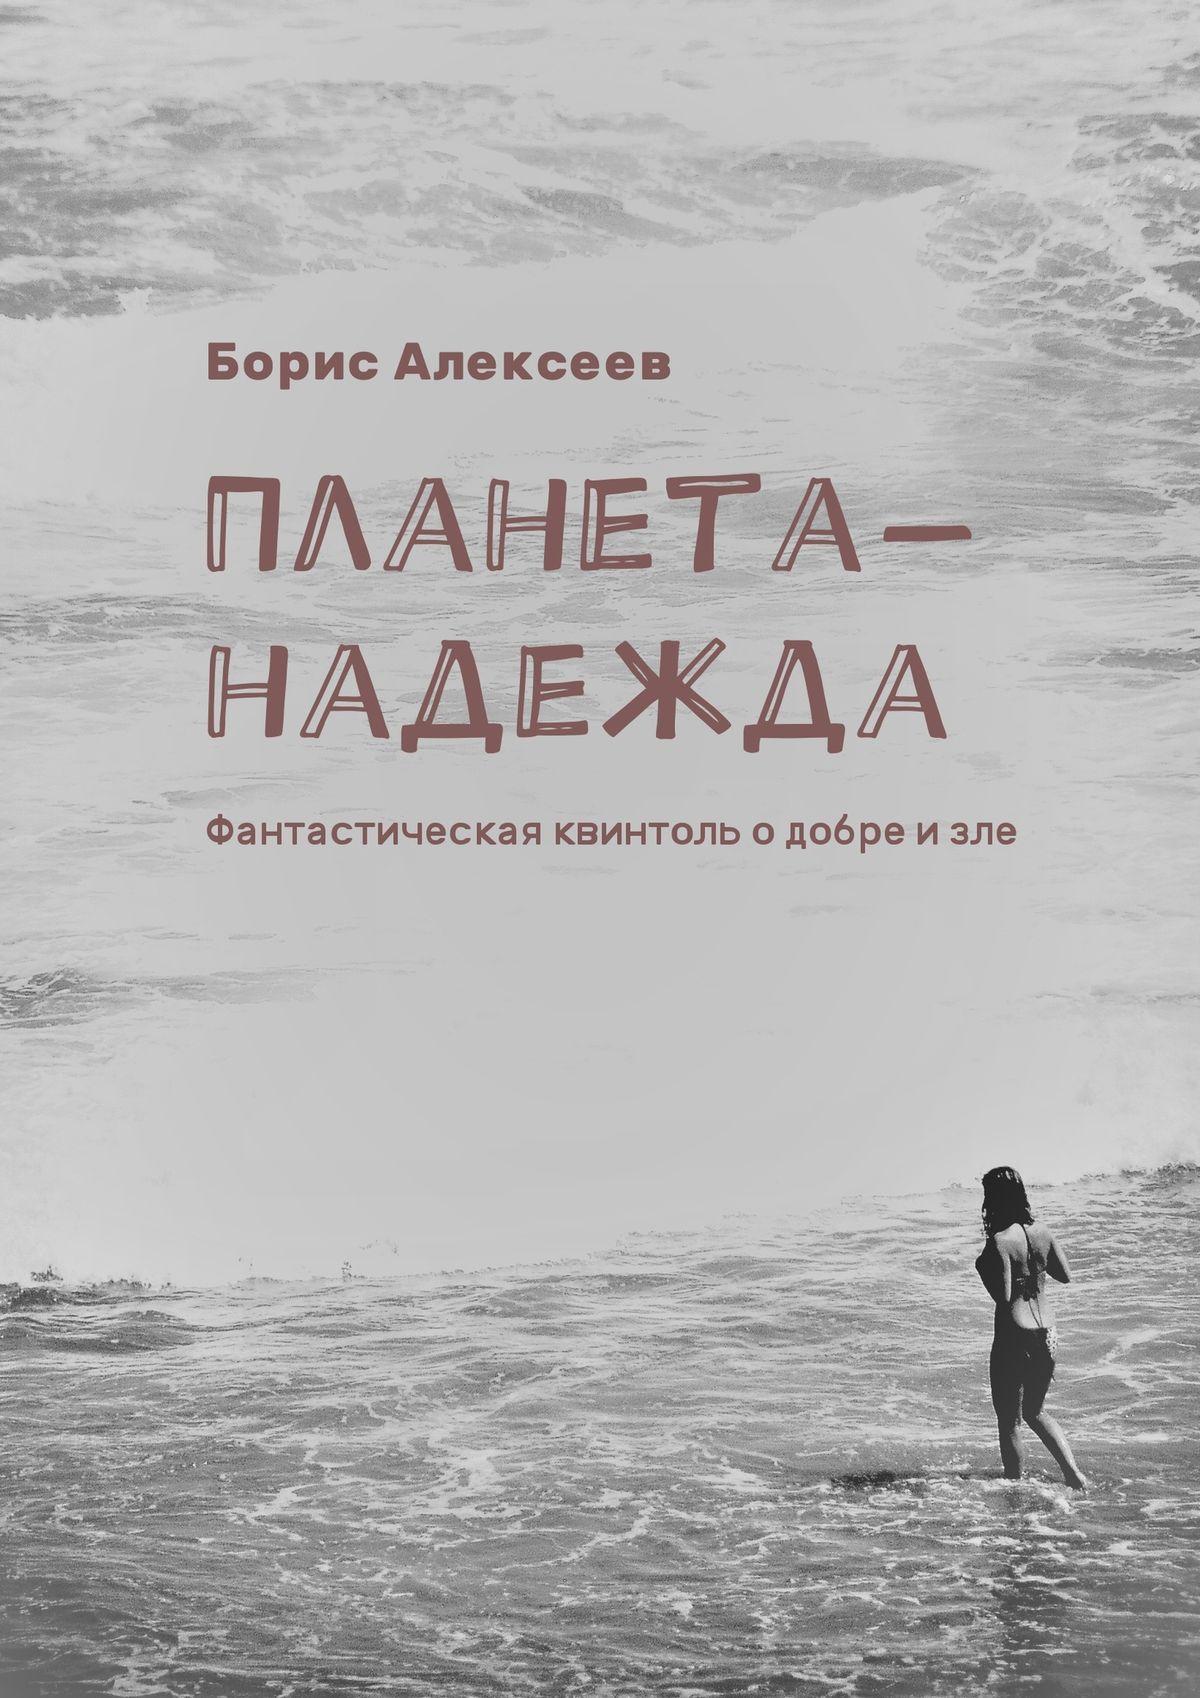 Борис Алексеев Планета-надежда. Фантастическая квинтоль одобре изле